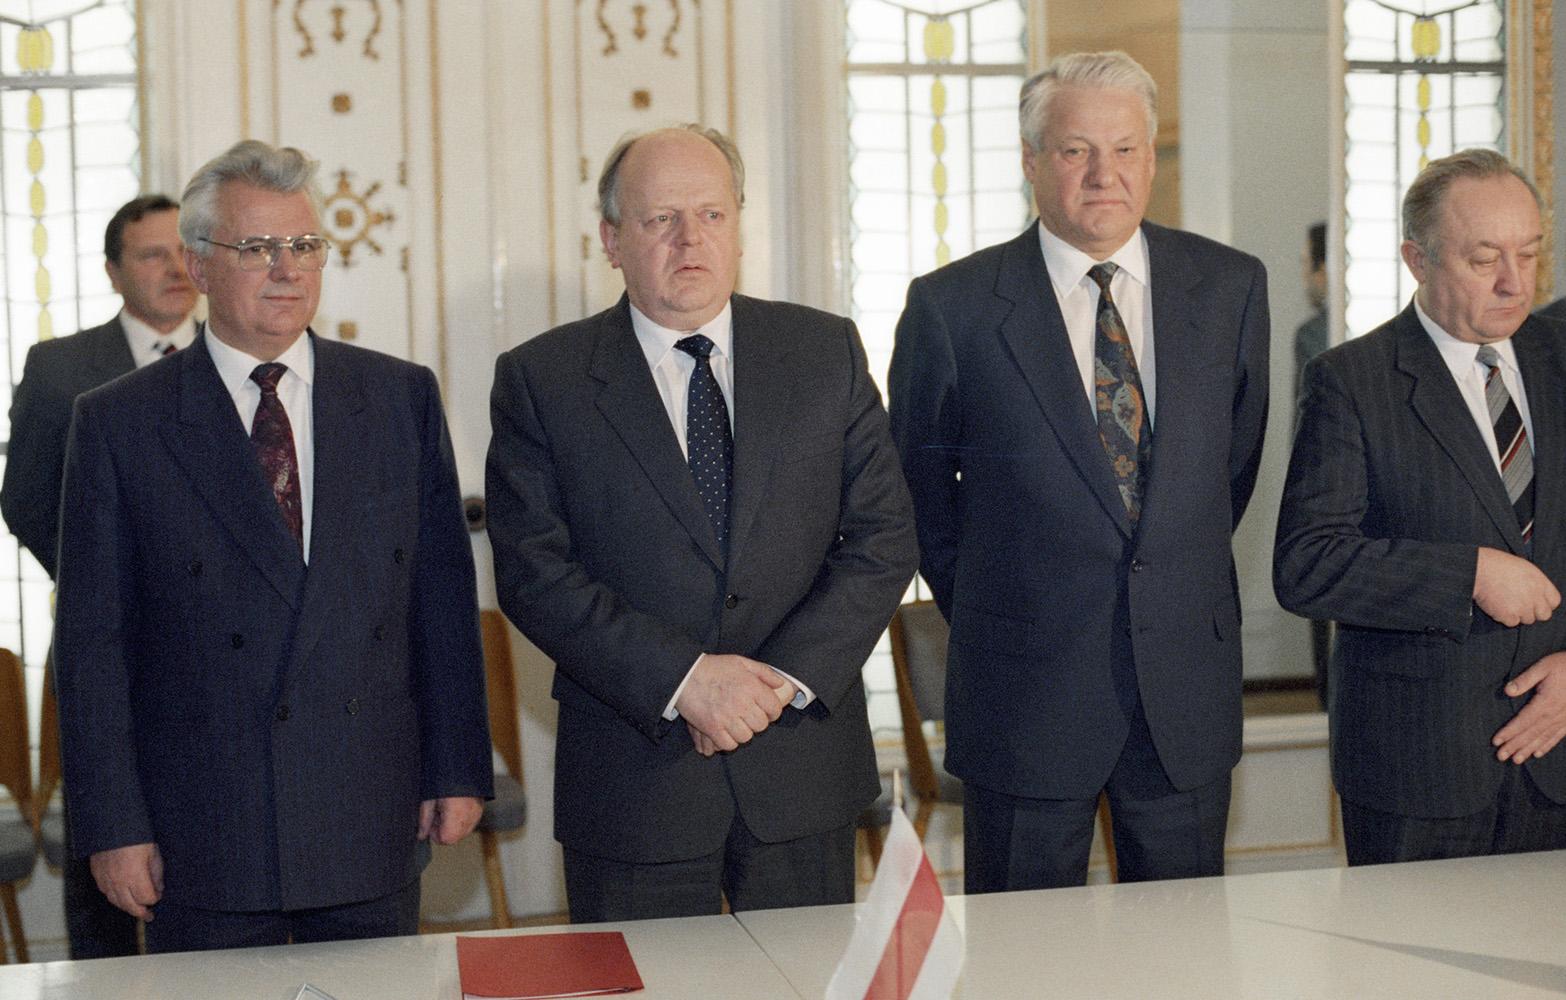 8 декабря 1991 года Ельцин, Кравчук и Шушкевич подписали Беловежский сговор